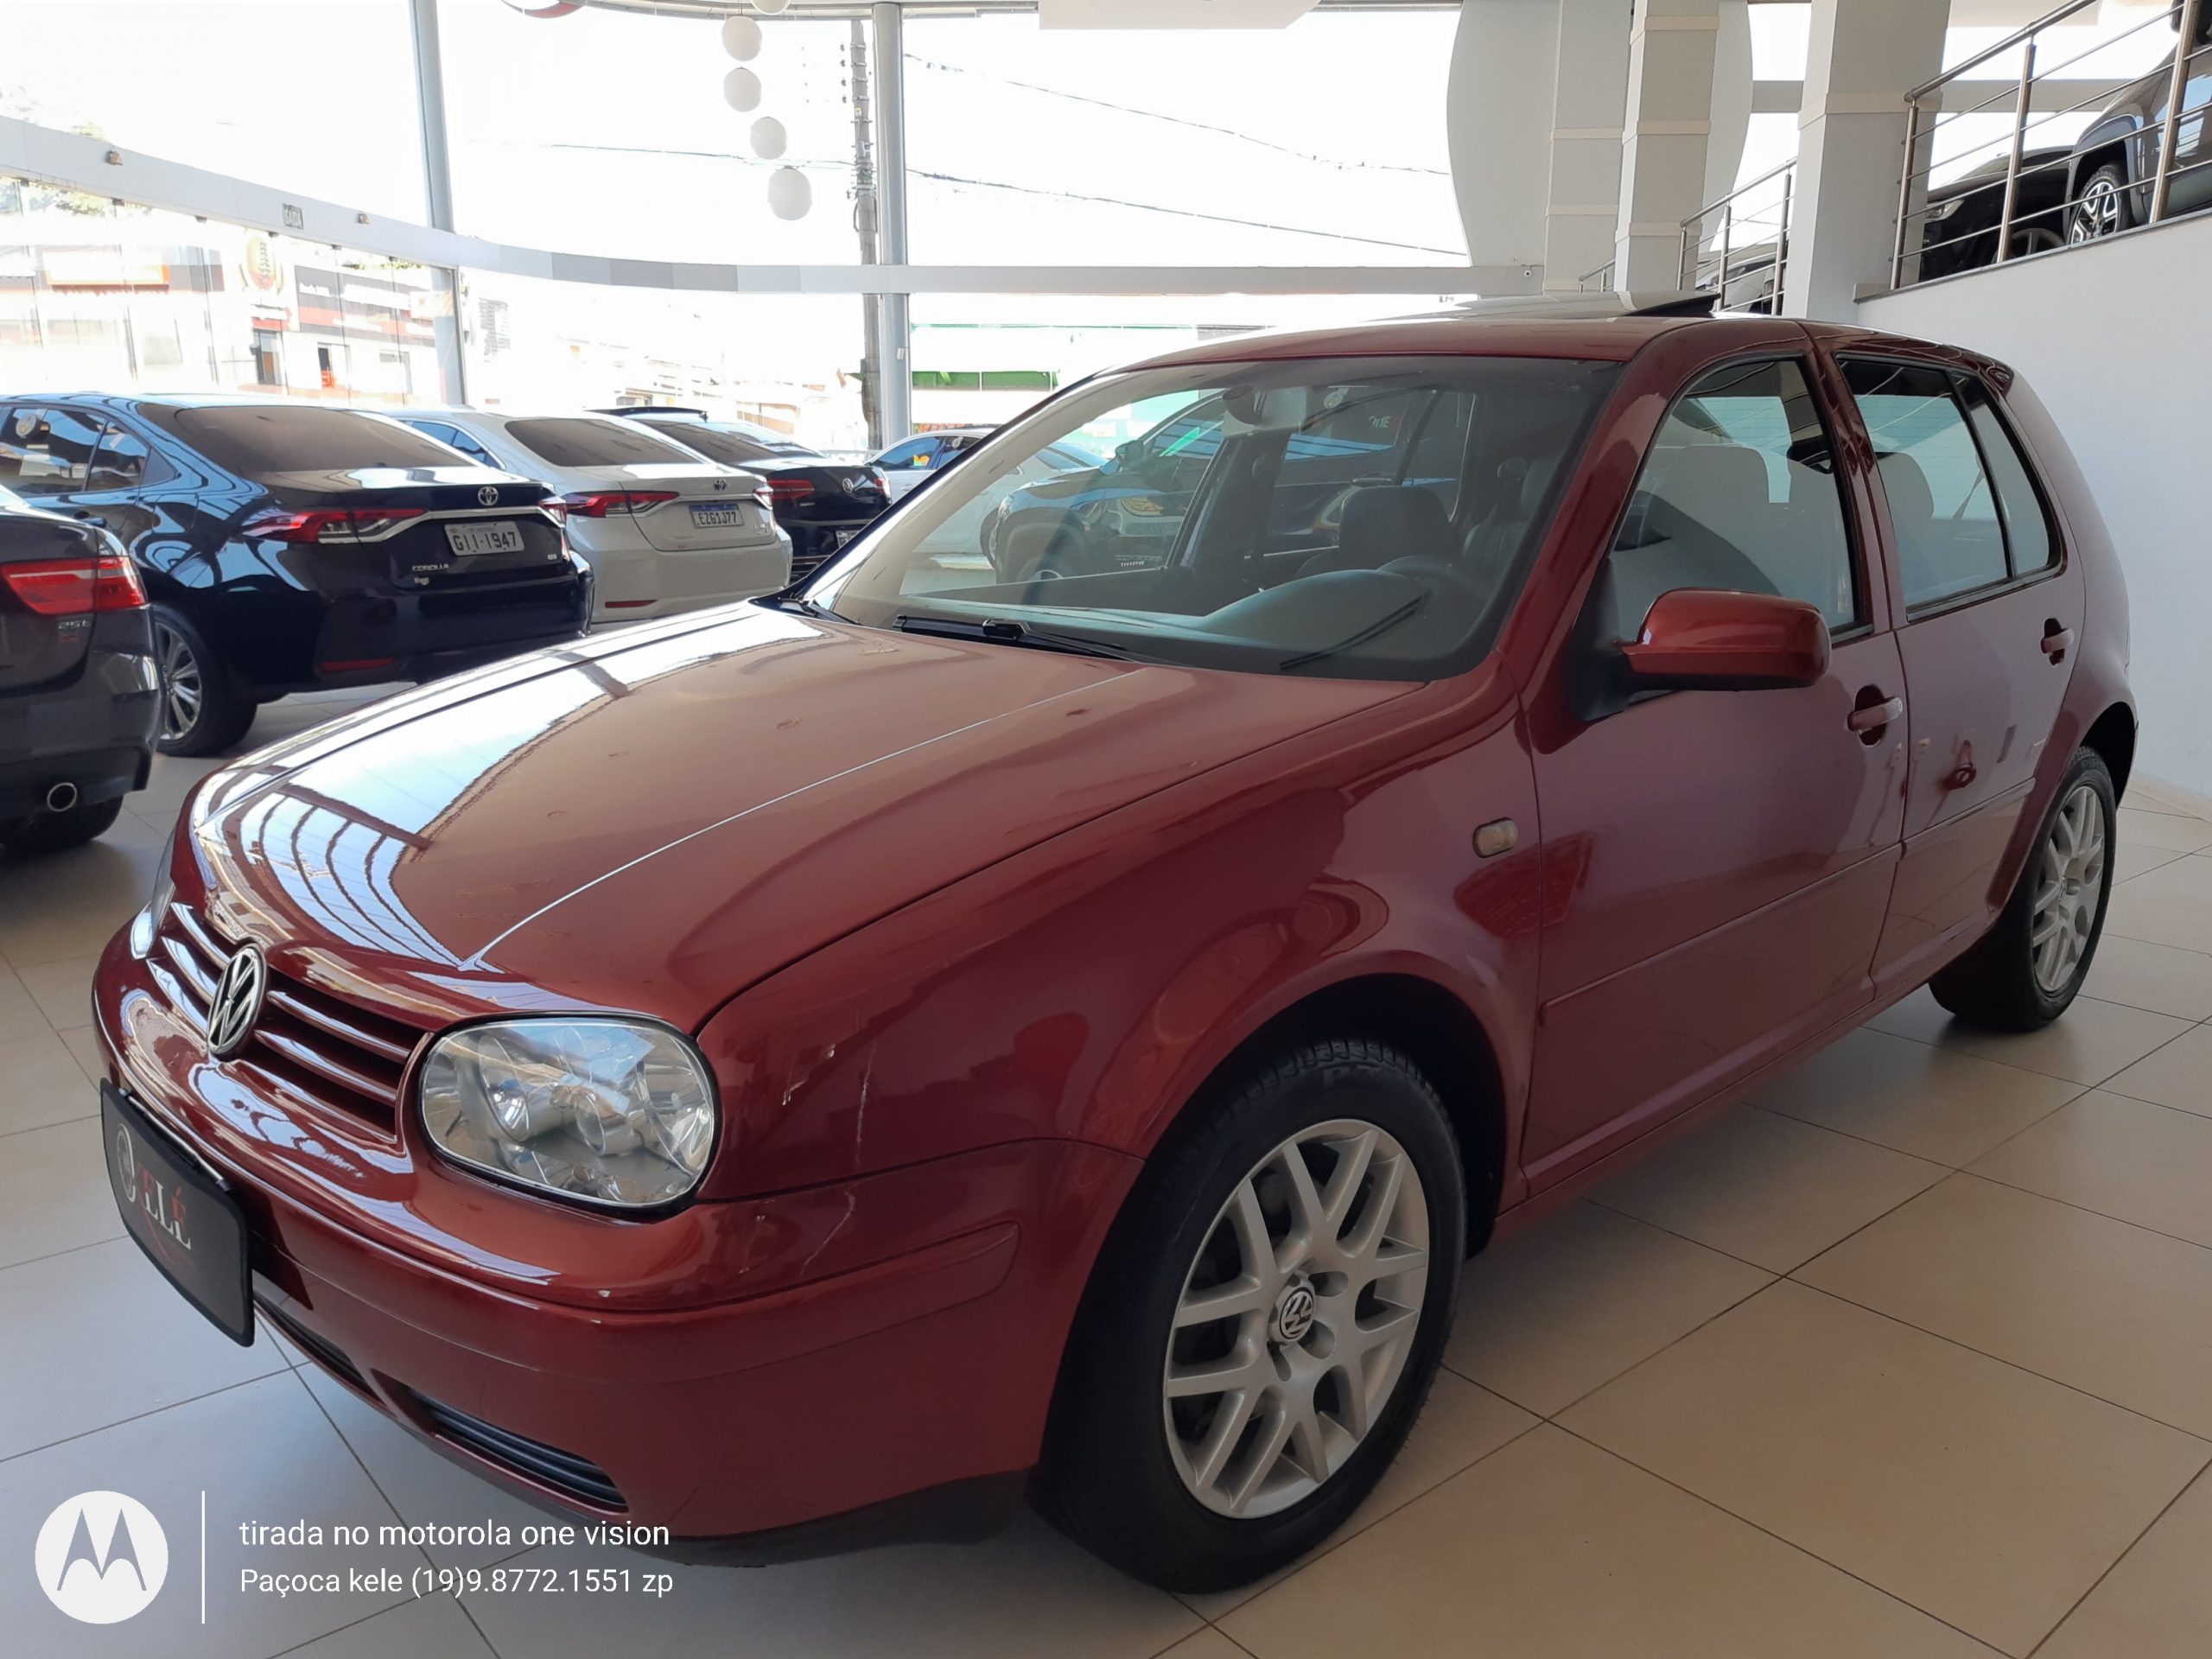 VW GOLF 1.8 GTI 150 CV